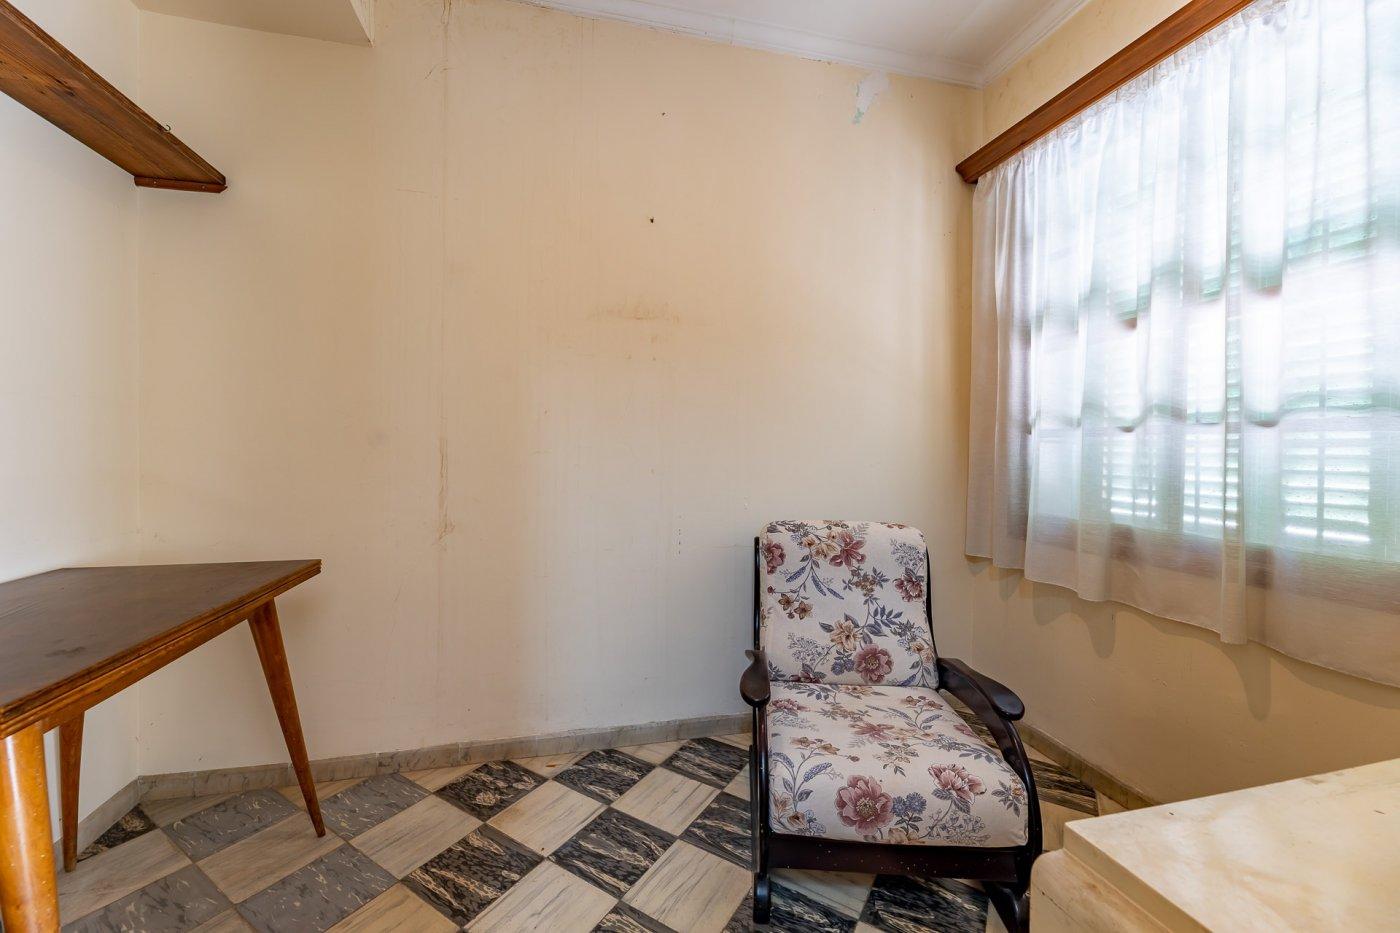 Casa con jardin en els hostalets, palma - imagenInmueble23